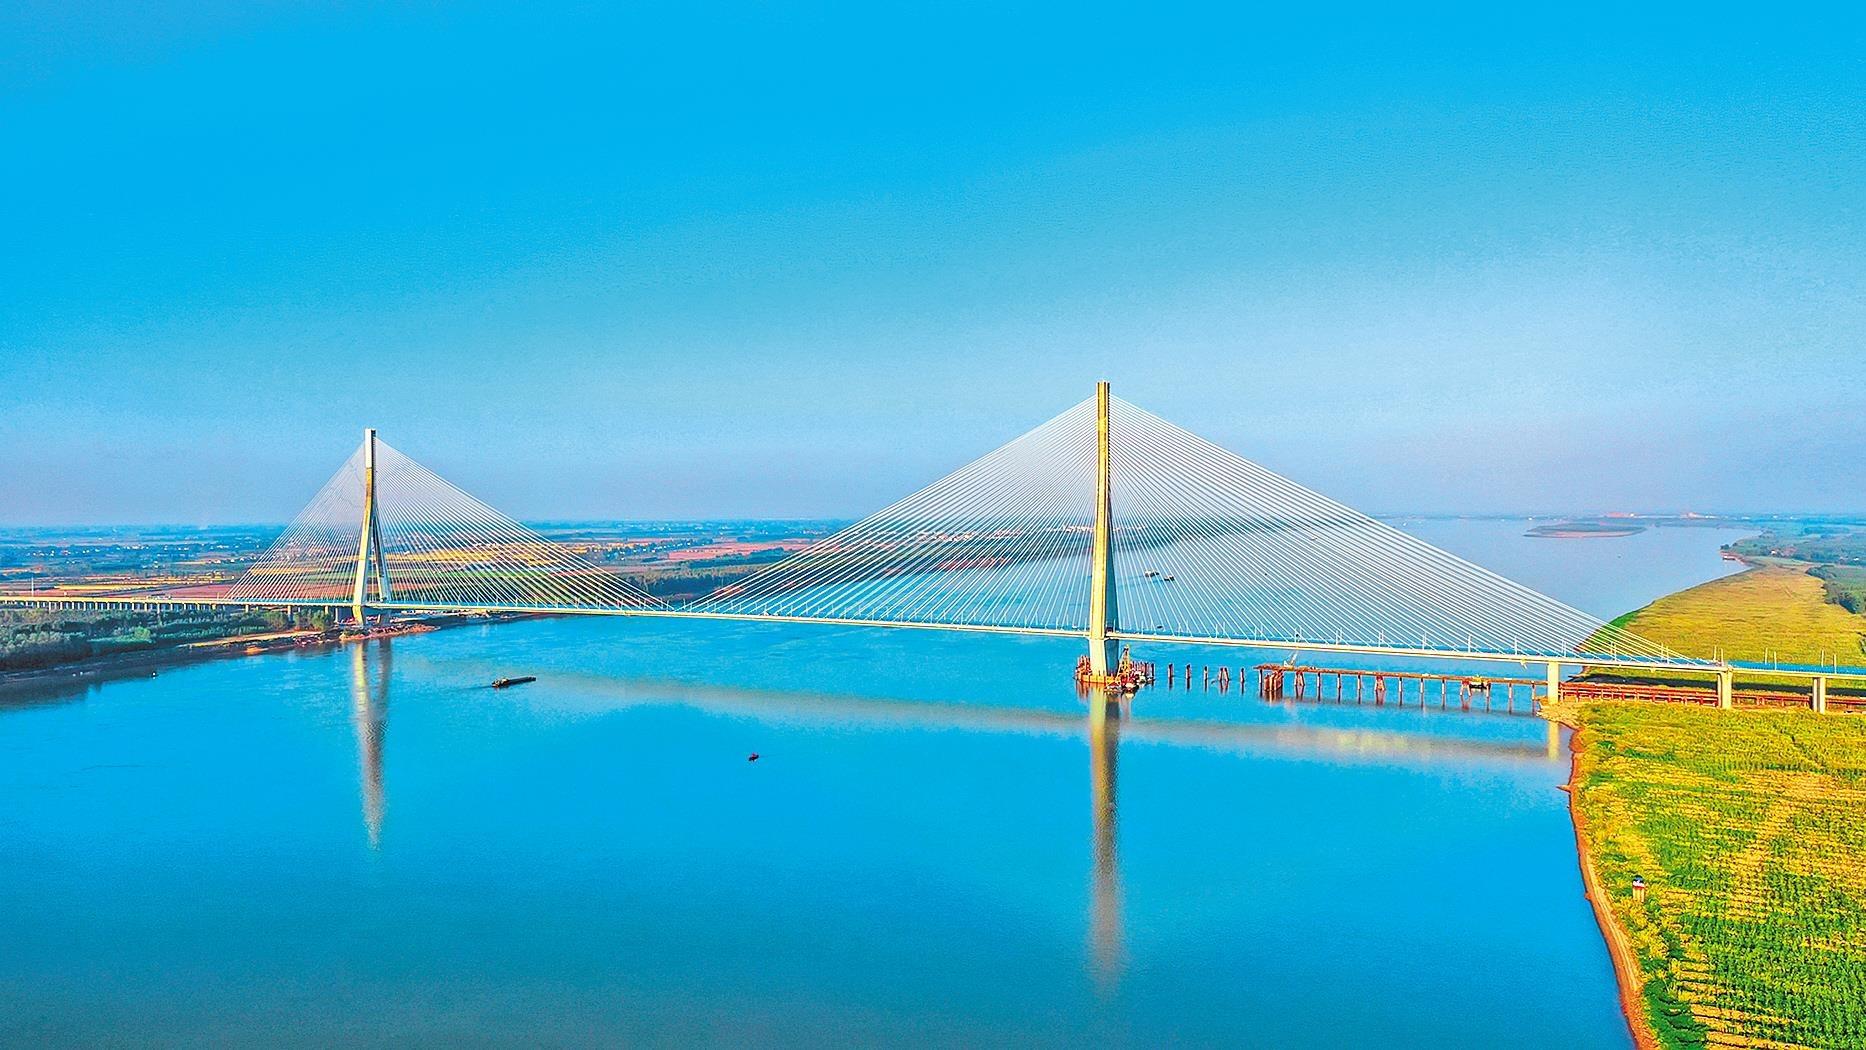 嘉魚長江大橋獲全球道路聯合會杰出工程獎